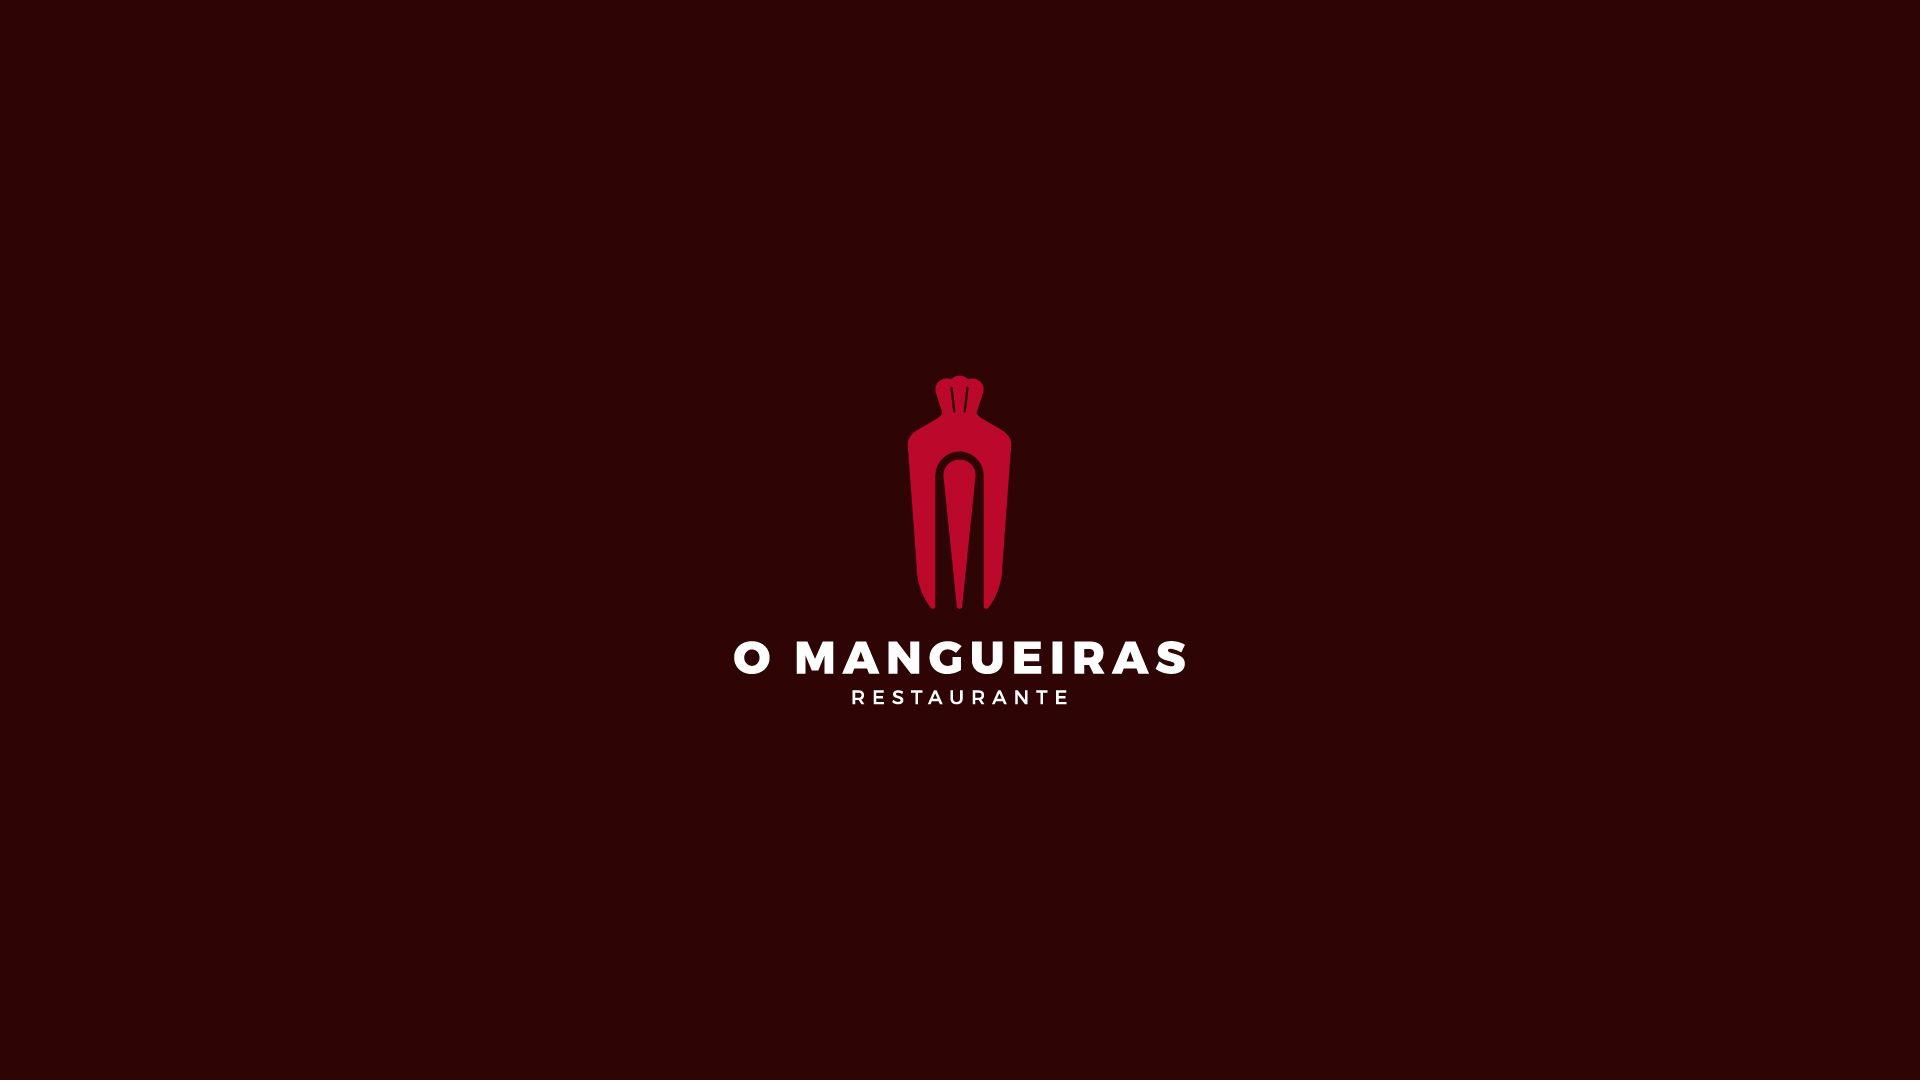 Restaurante Mangueiras - Header 02